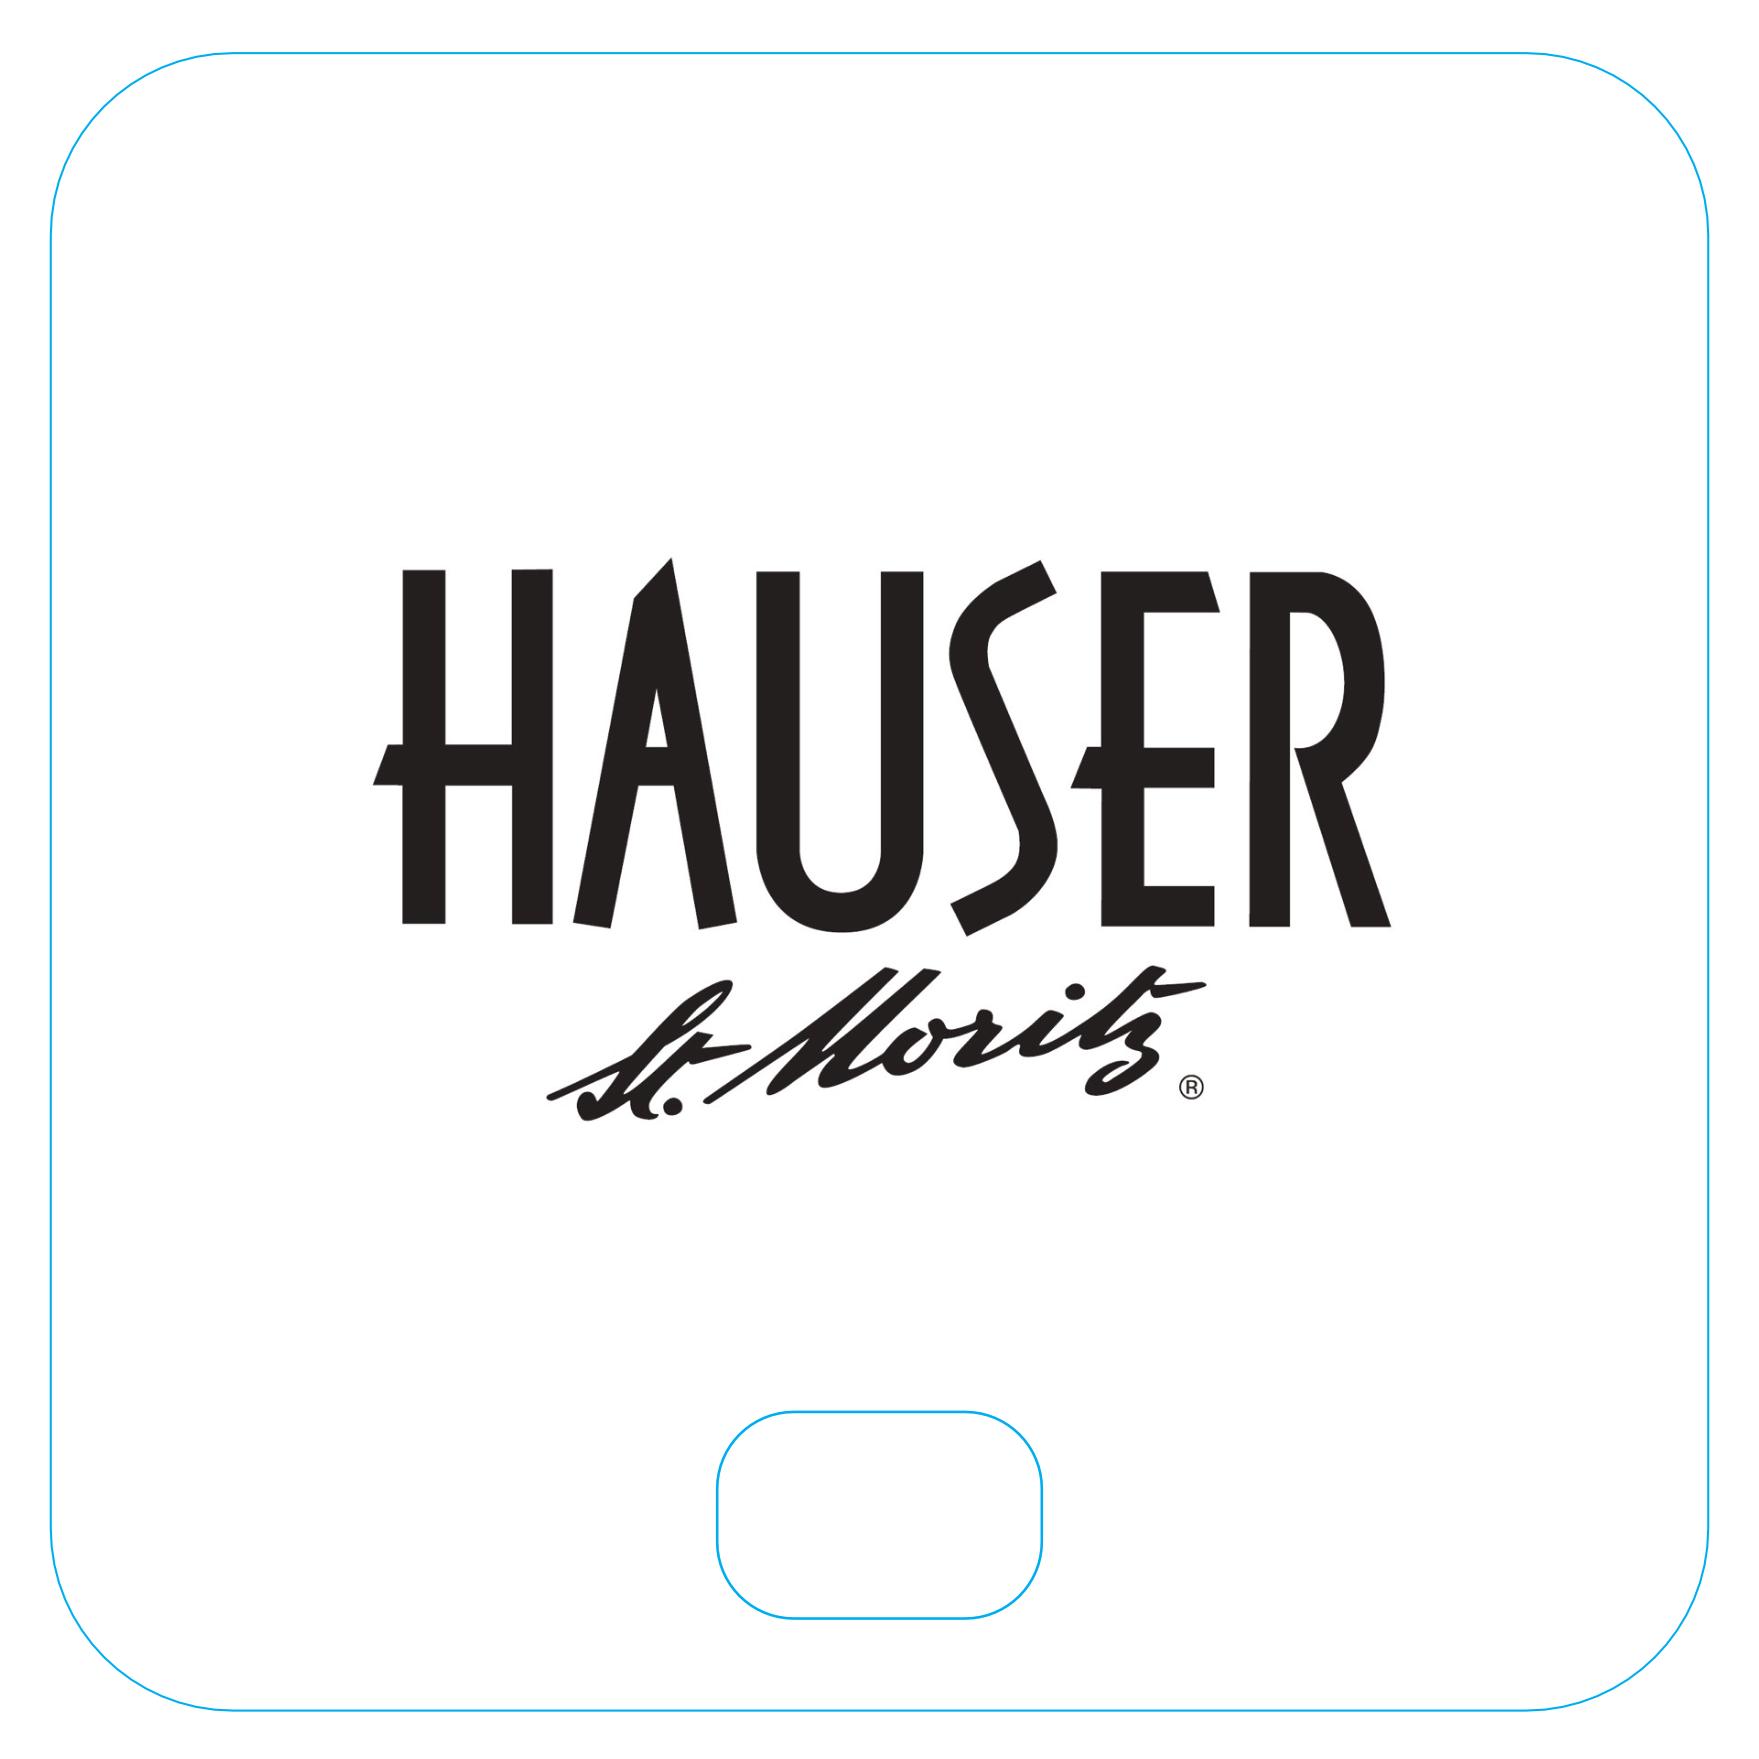 Hauser St. Moritz Logo 70.2 x 70.2